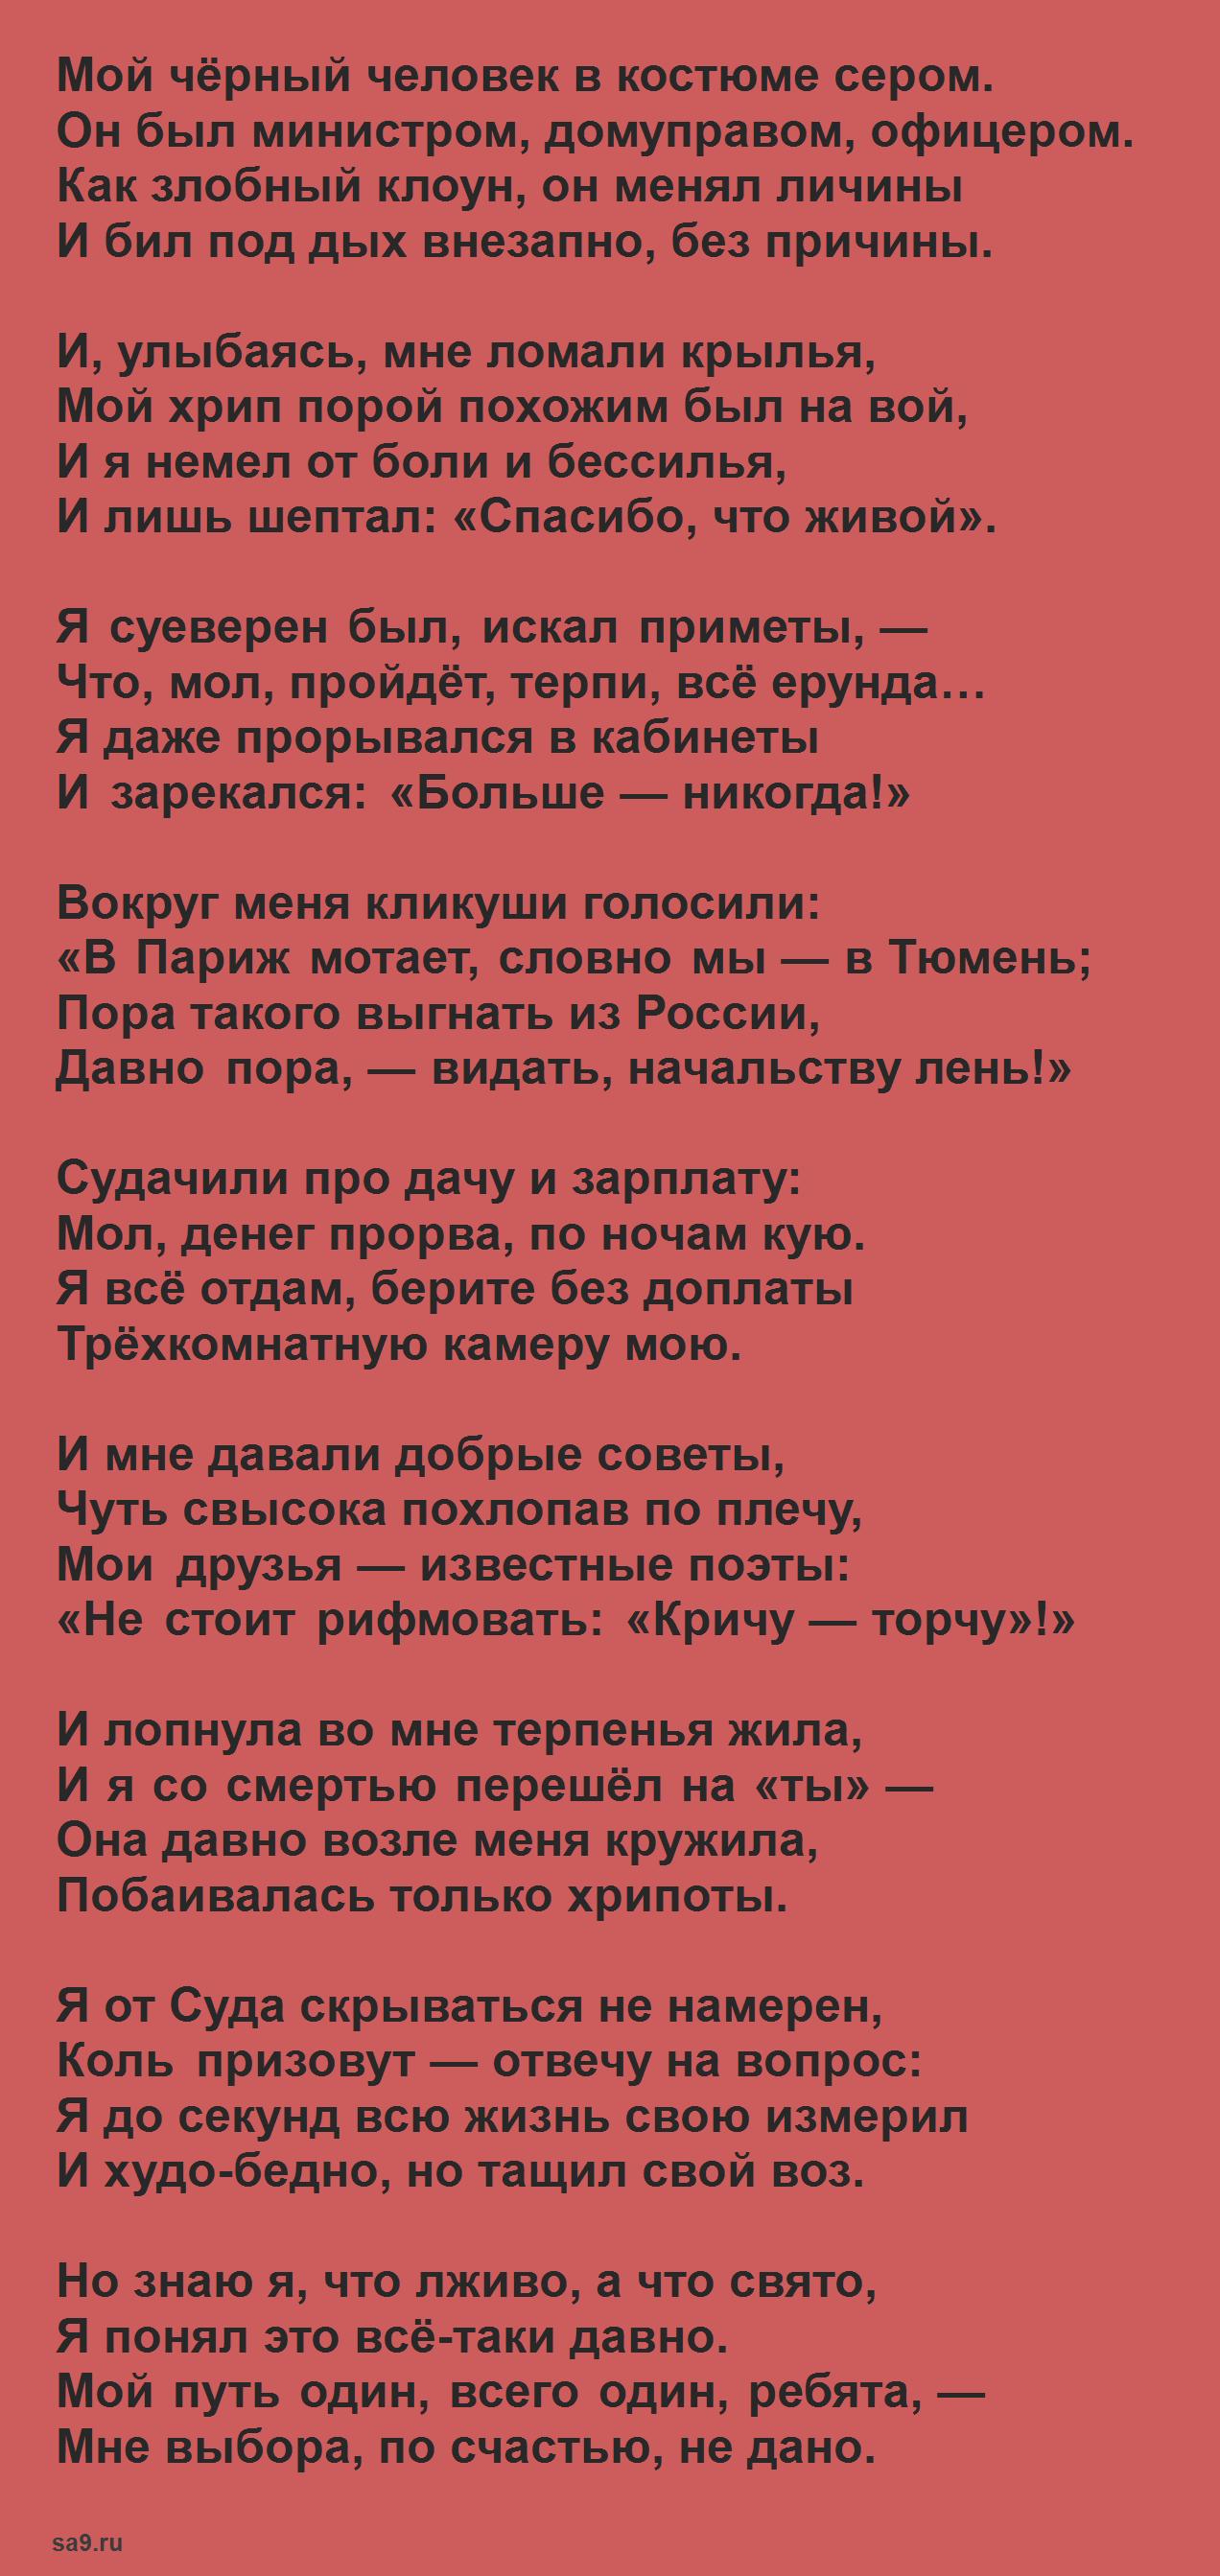 Стихи Высоцкого - Спасибо что живой